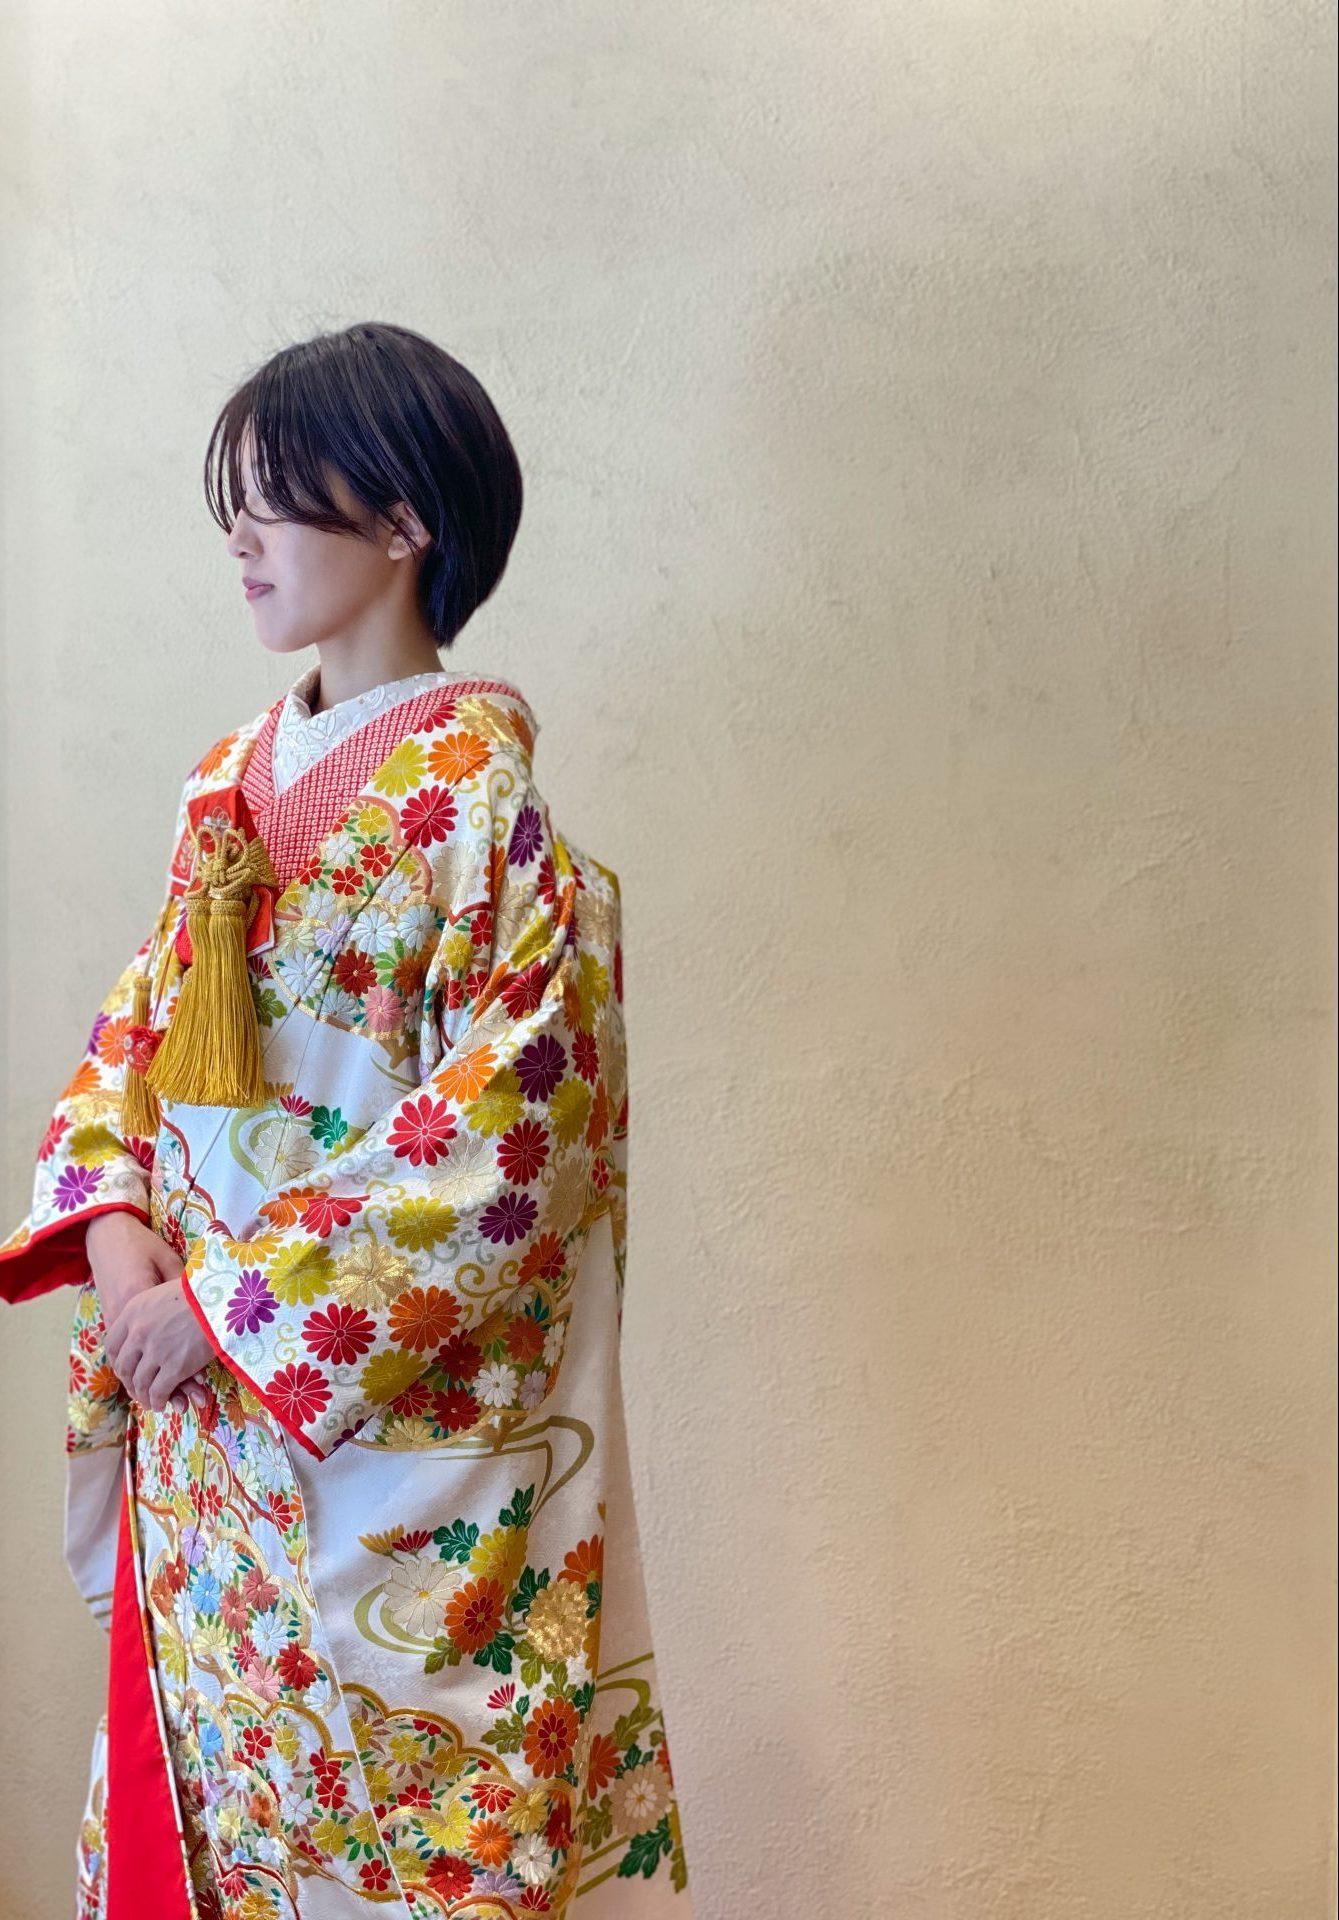 春や秋の季節におすすめな暖色の色打掛、花柄のデザインで裾元まで華やかでオシャレな印象に